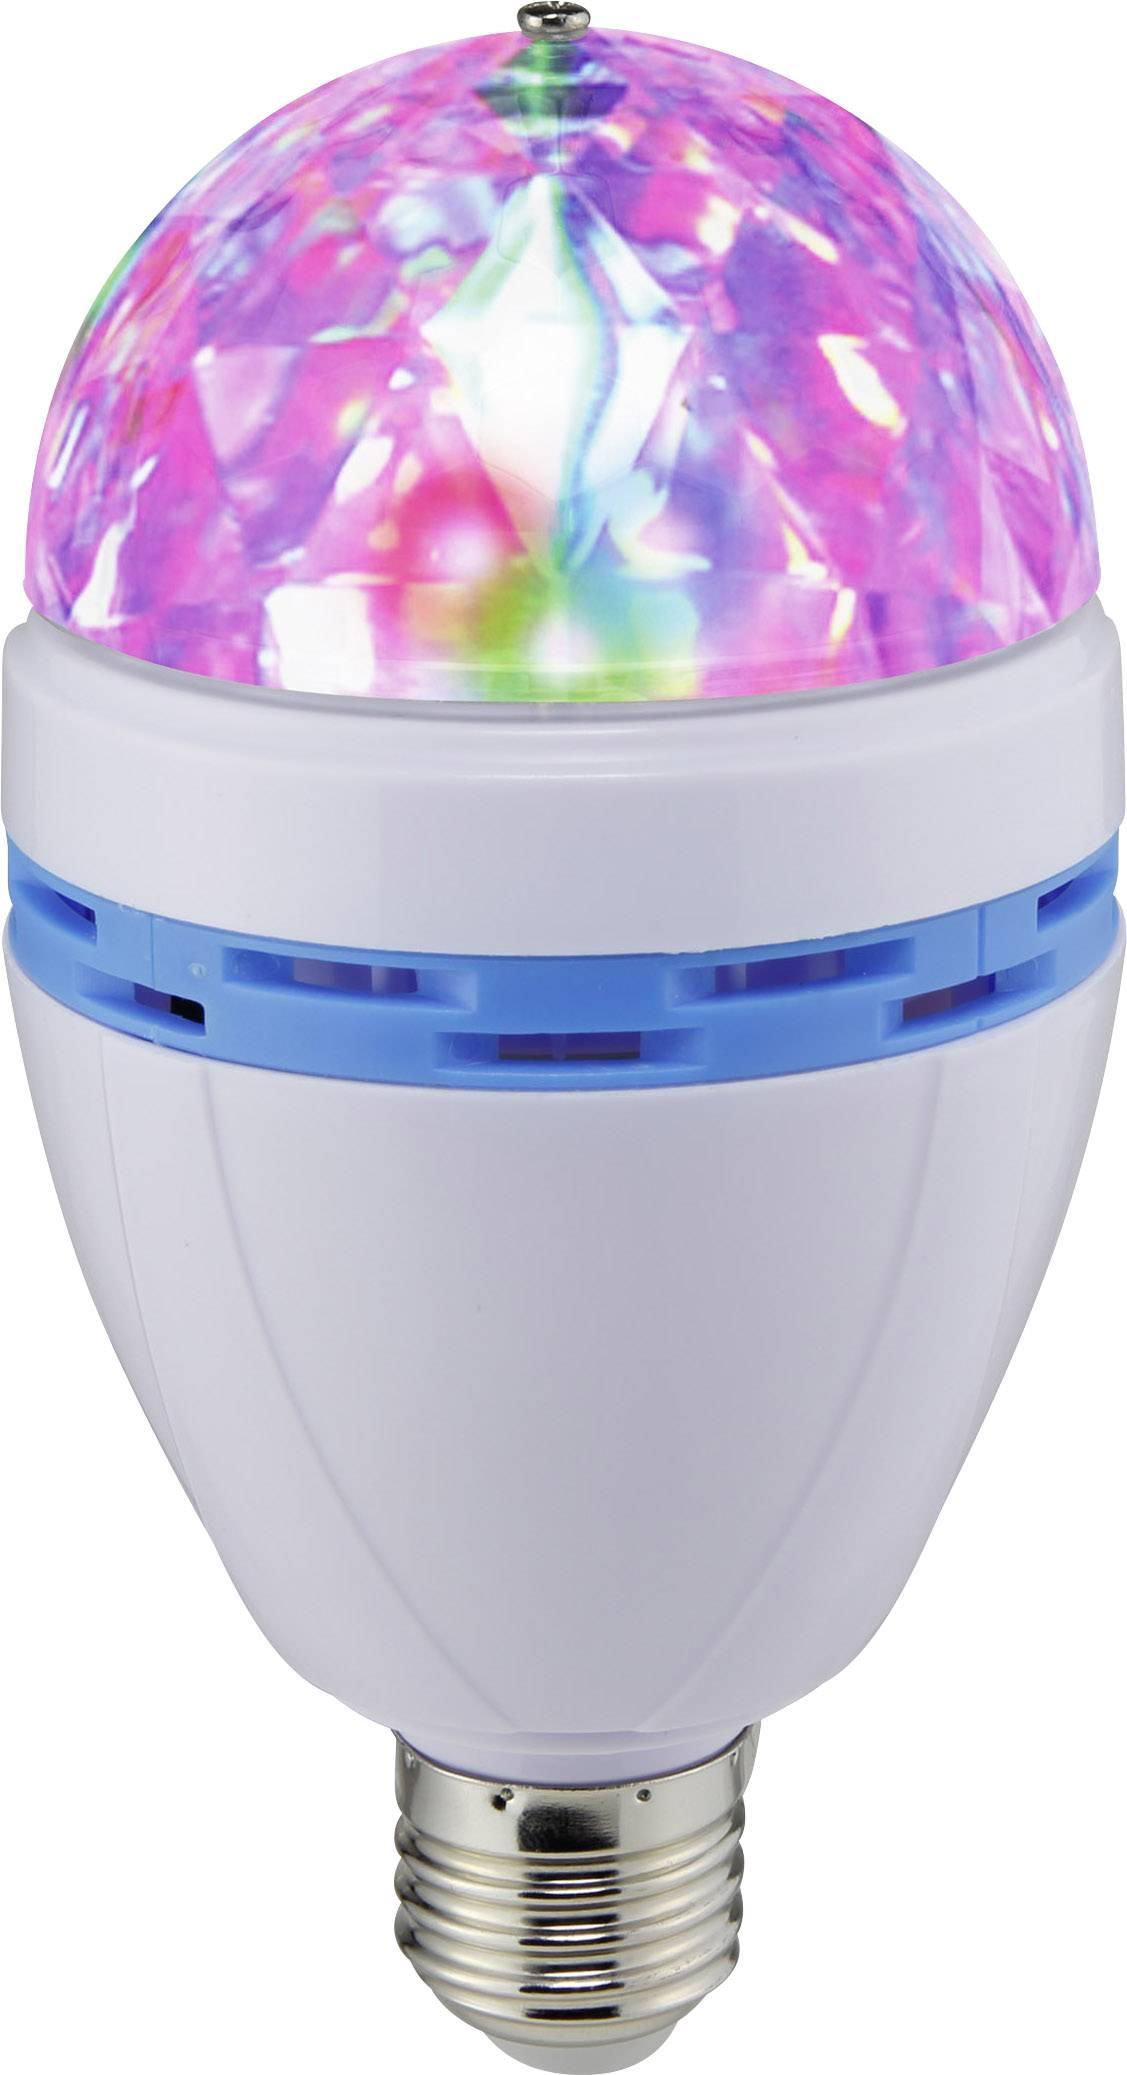 LED farebná party žiarovka Renkforce E27 PARTYLAMP, E27, 1 W, farebná